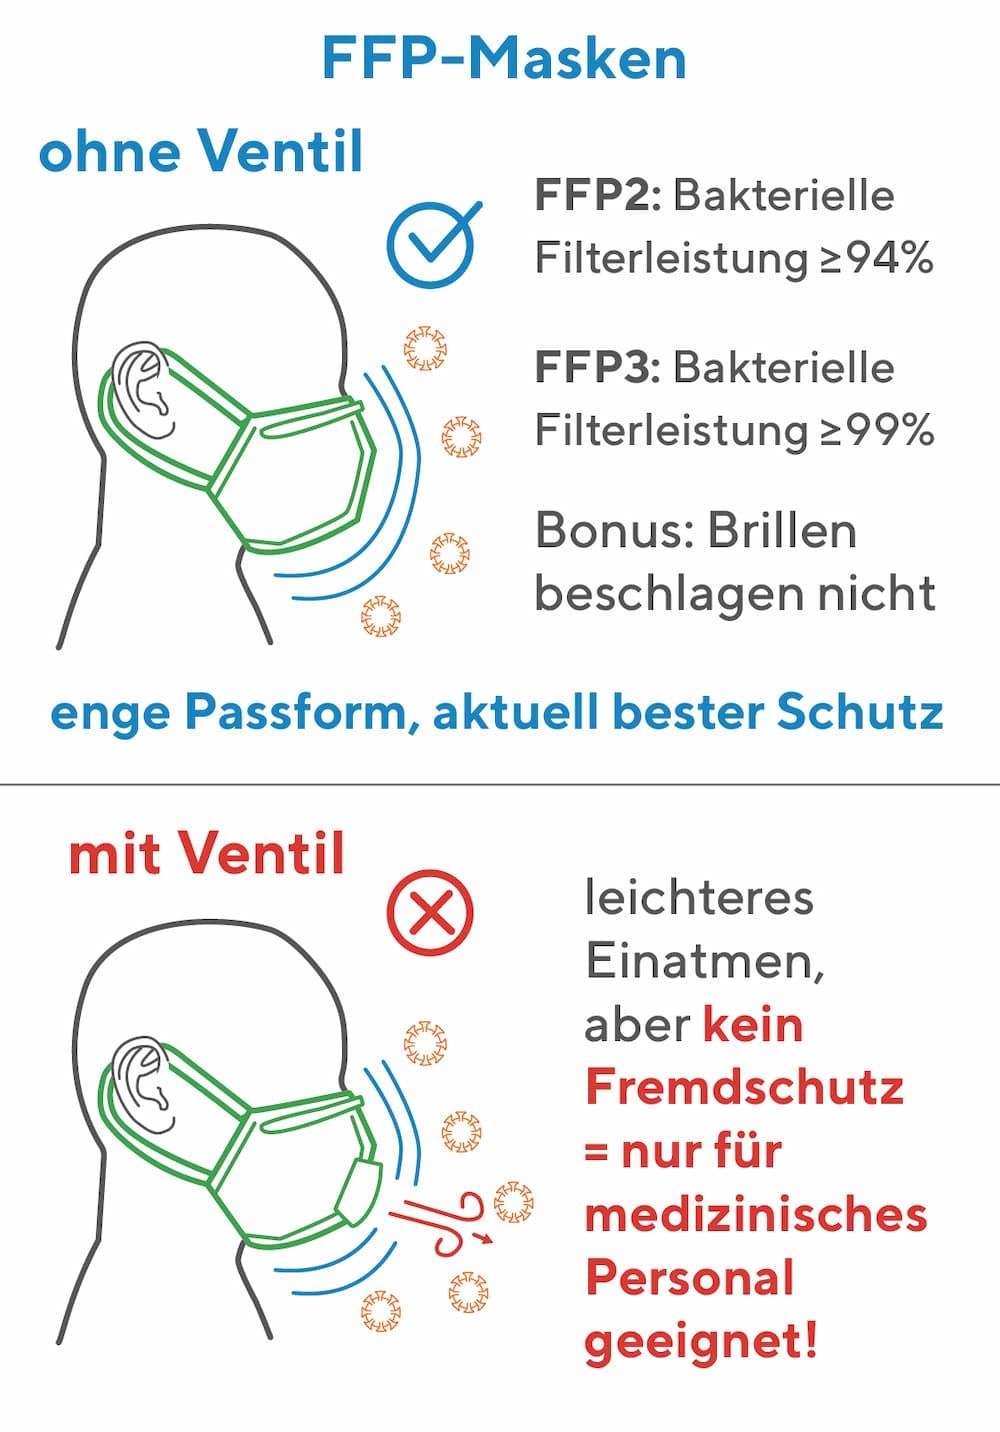 FFP-Masken bieten einen sehr guten Schutz